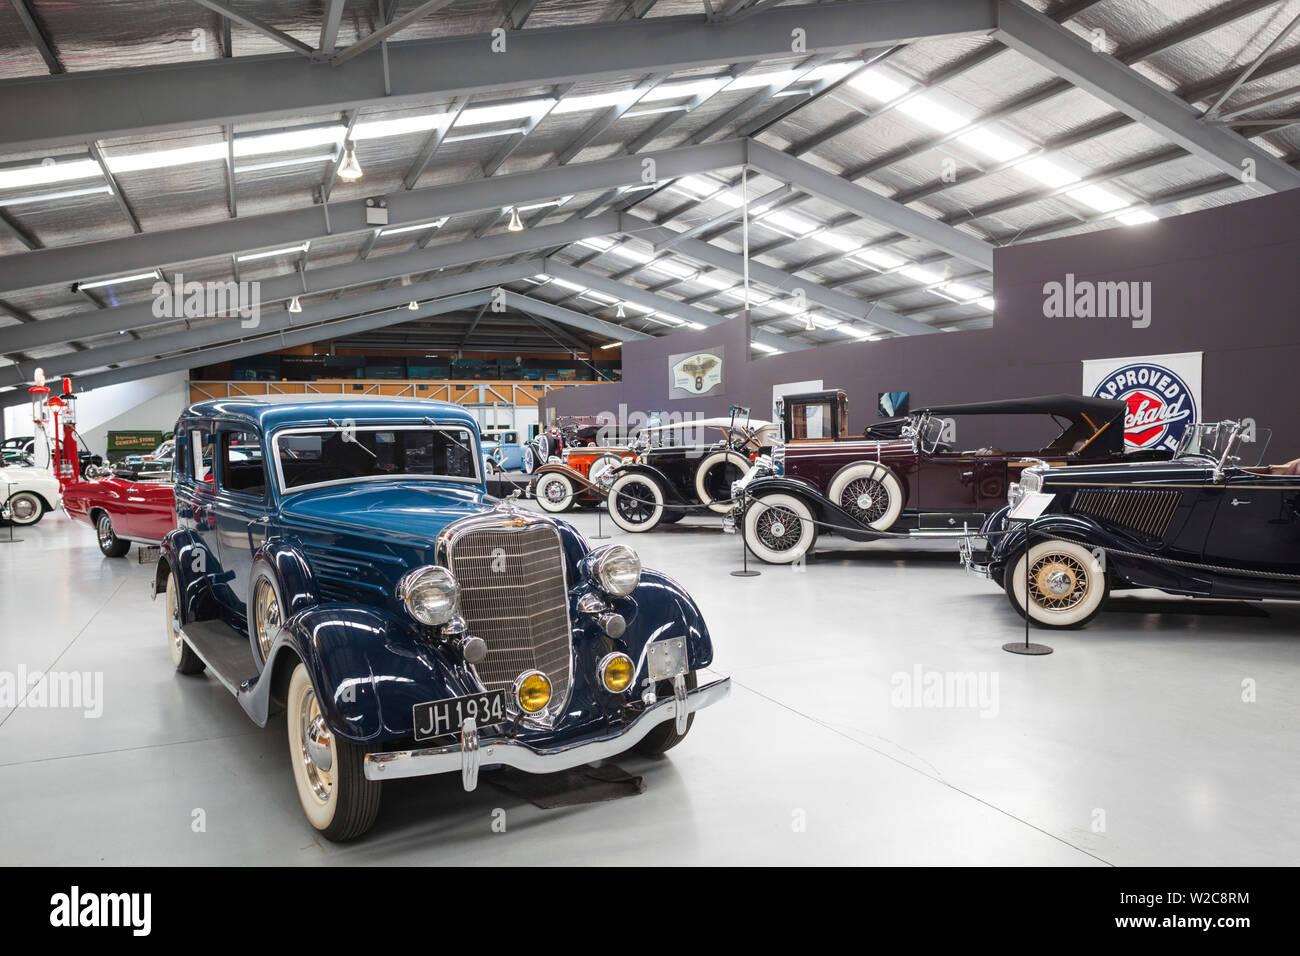 Nouvelle Zélande, île du Sud, Otago, Wanaka, Warbirds et roues Museum, voitures anciennes Banque D'Images